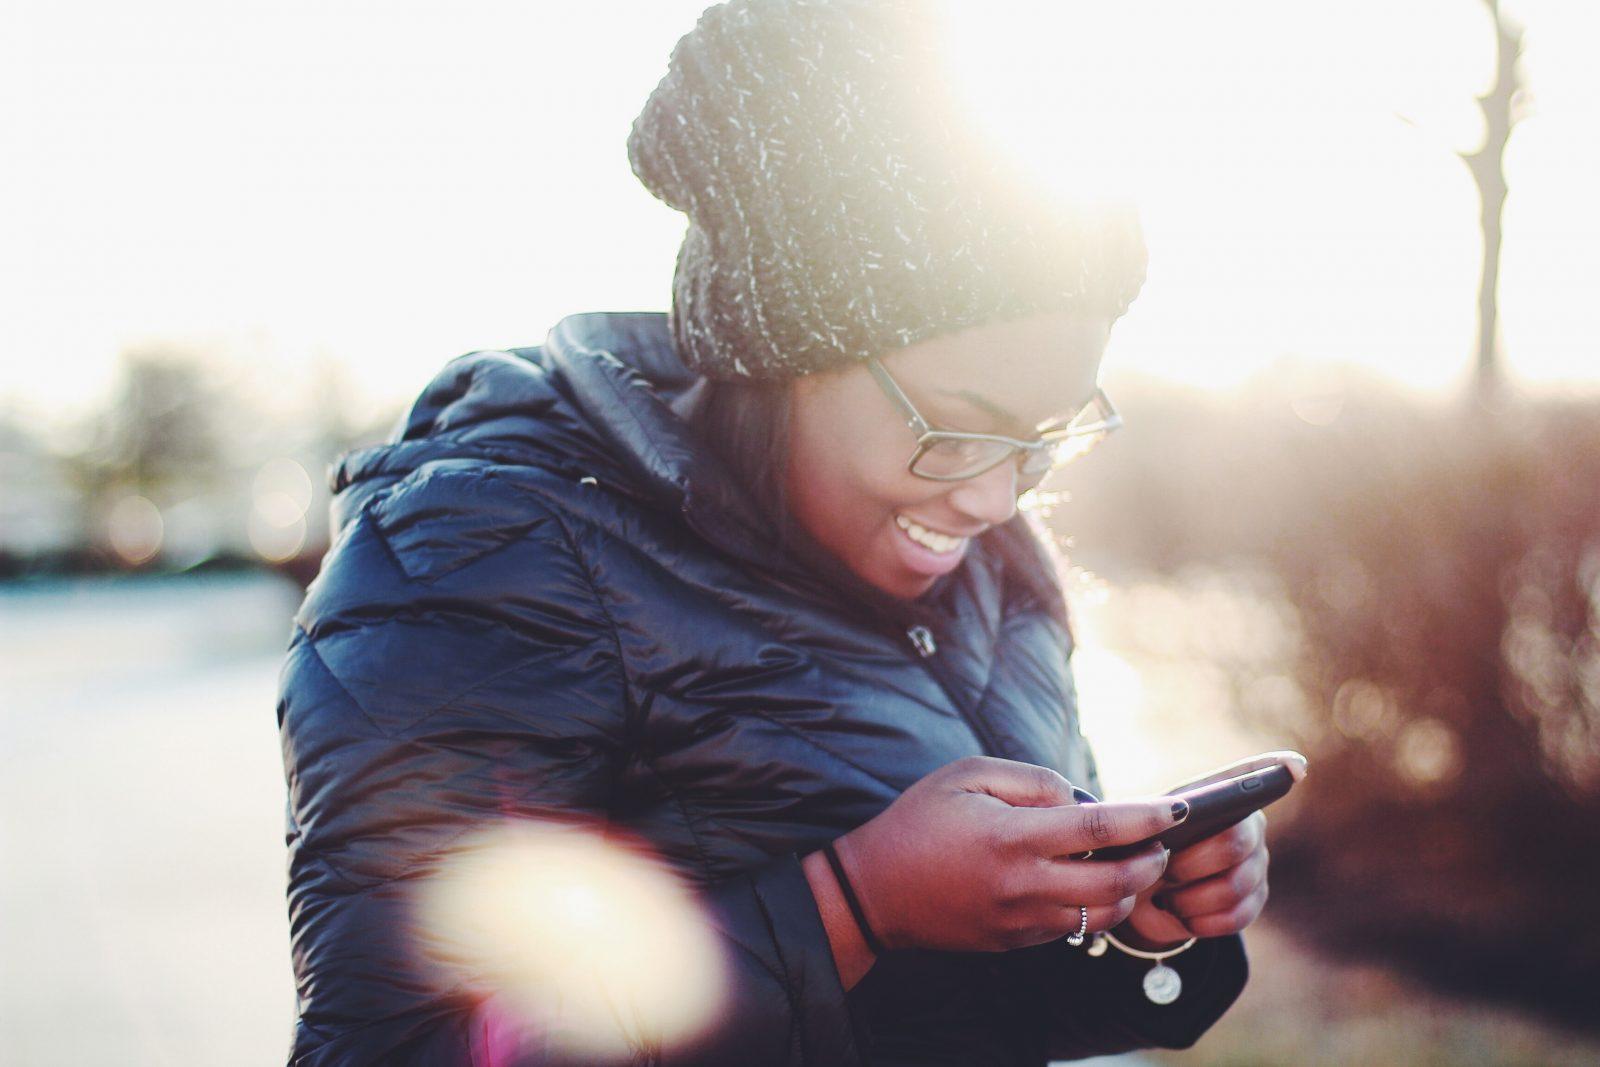 Nainen on takki päällä ulkona puhelin kädessä ja katsoo nauraen ruutua auringon paistaessa takana.